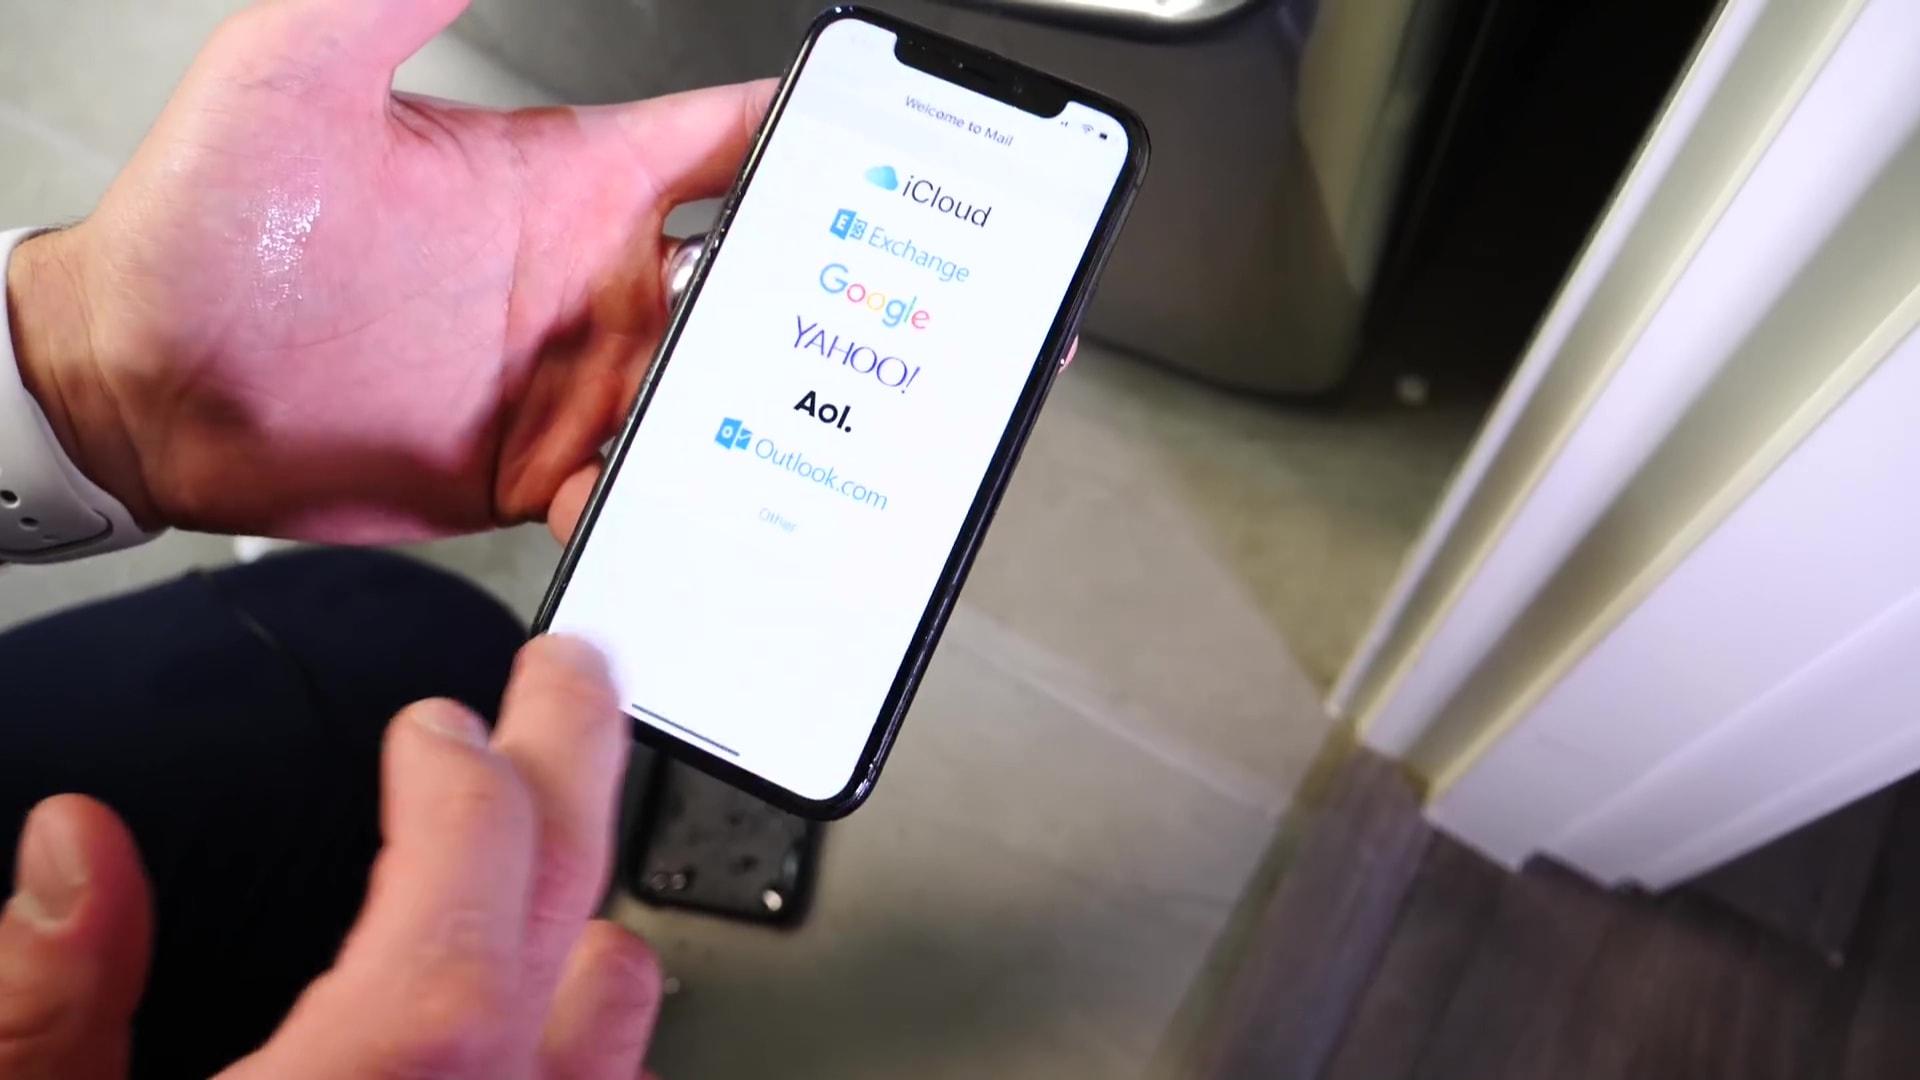 IPhoneX DropWaterBentTest 10